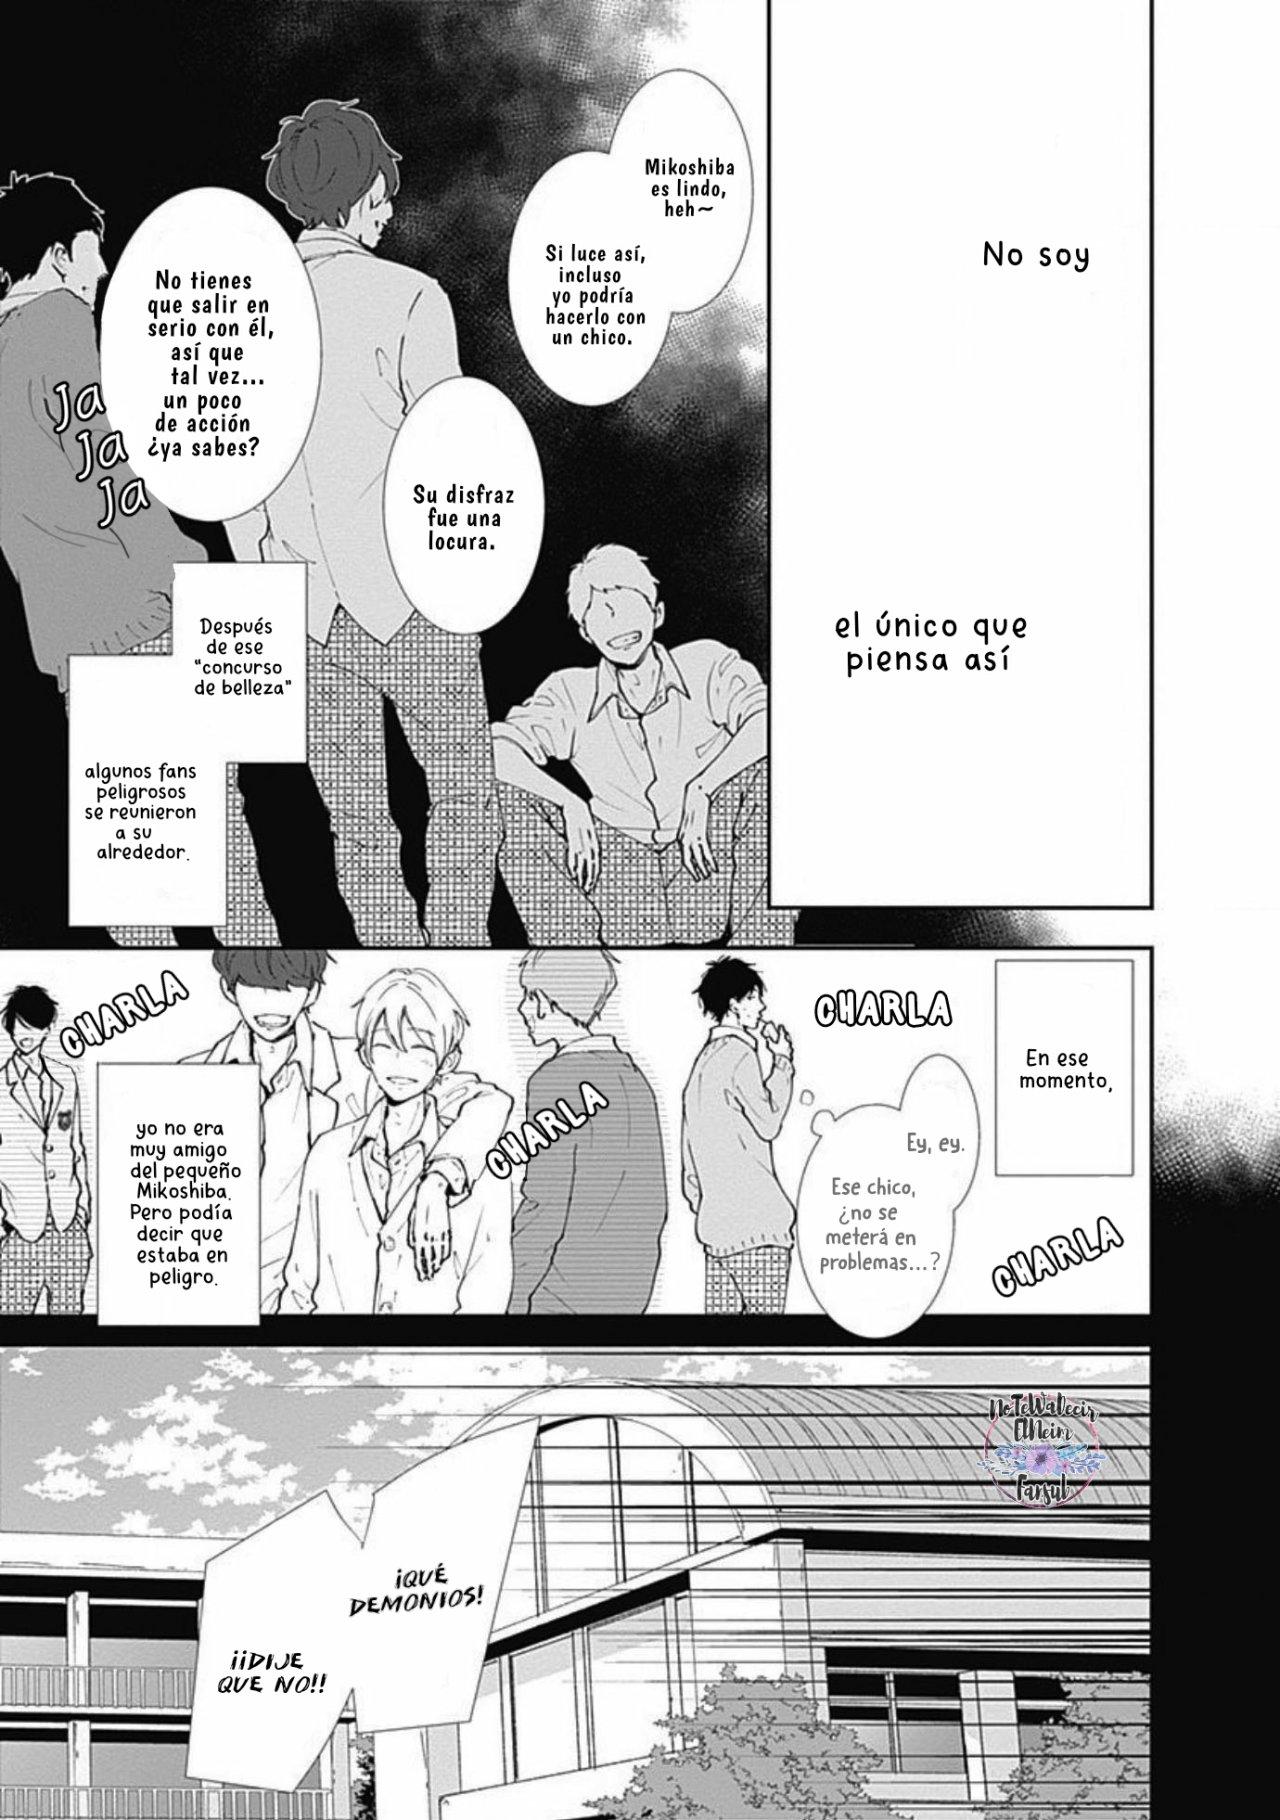 https://nine.mangadogs.com/es_manga/pic8/12/36684/946997/452b283efad05d7e7ff9f42ec80b06cb.jpg Page 18